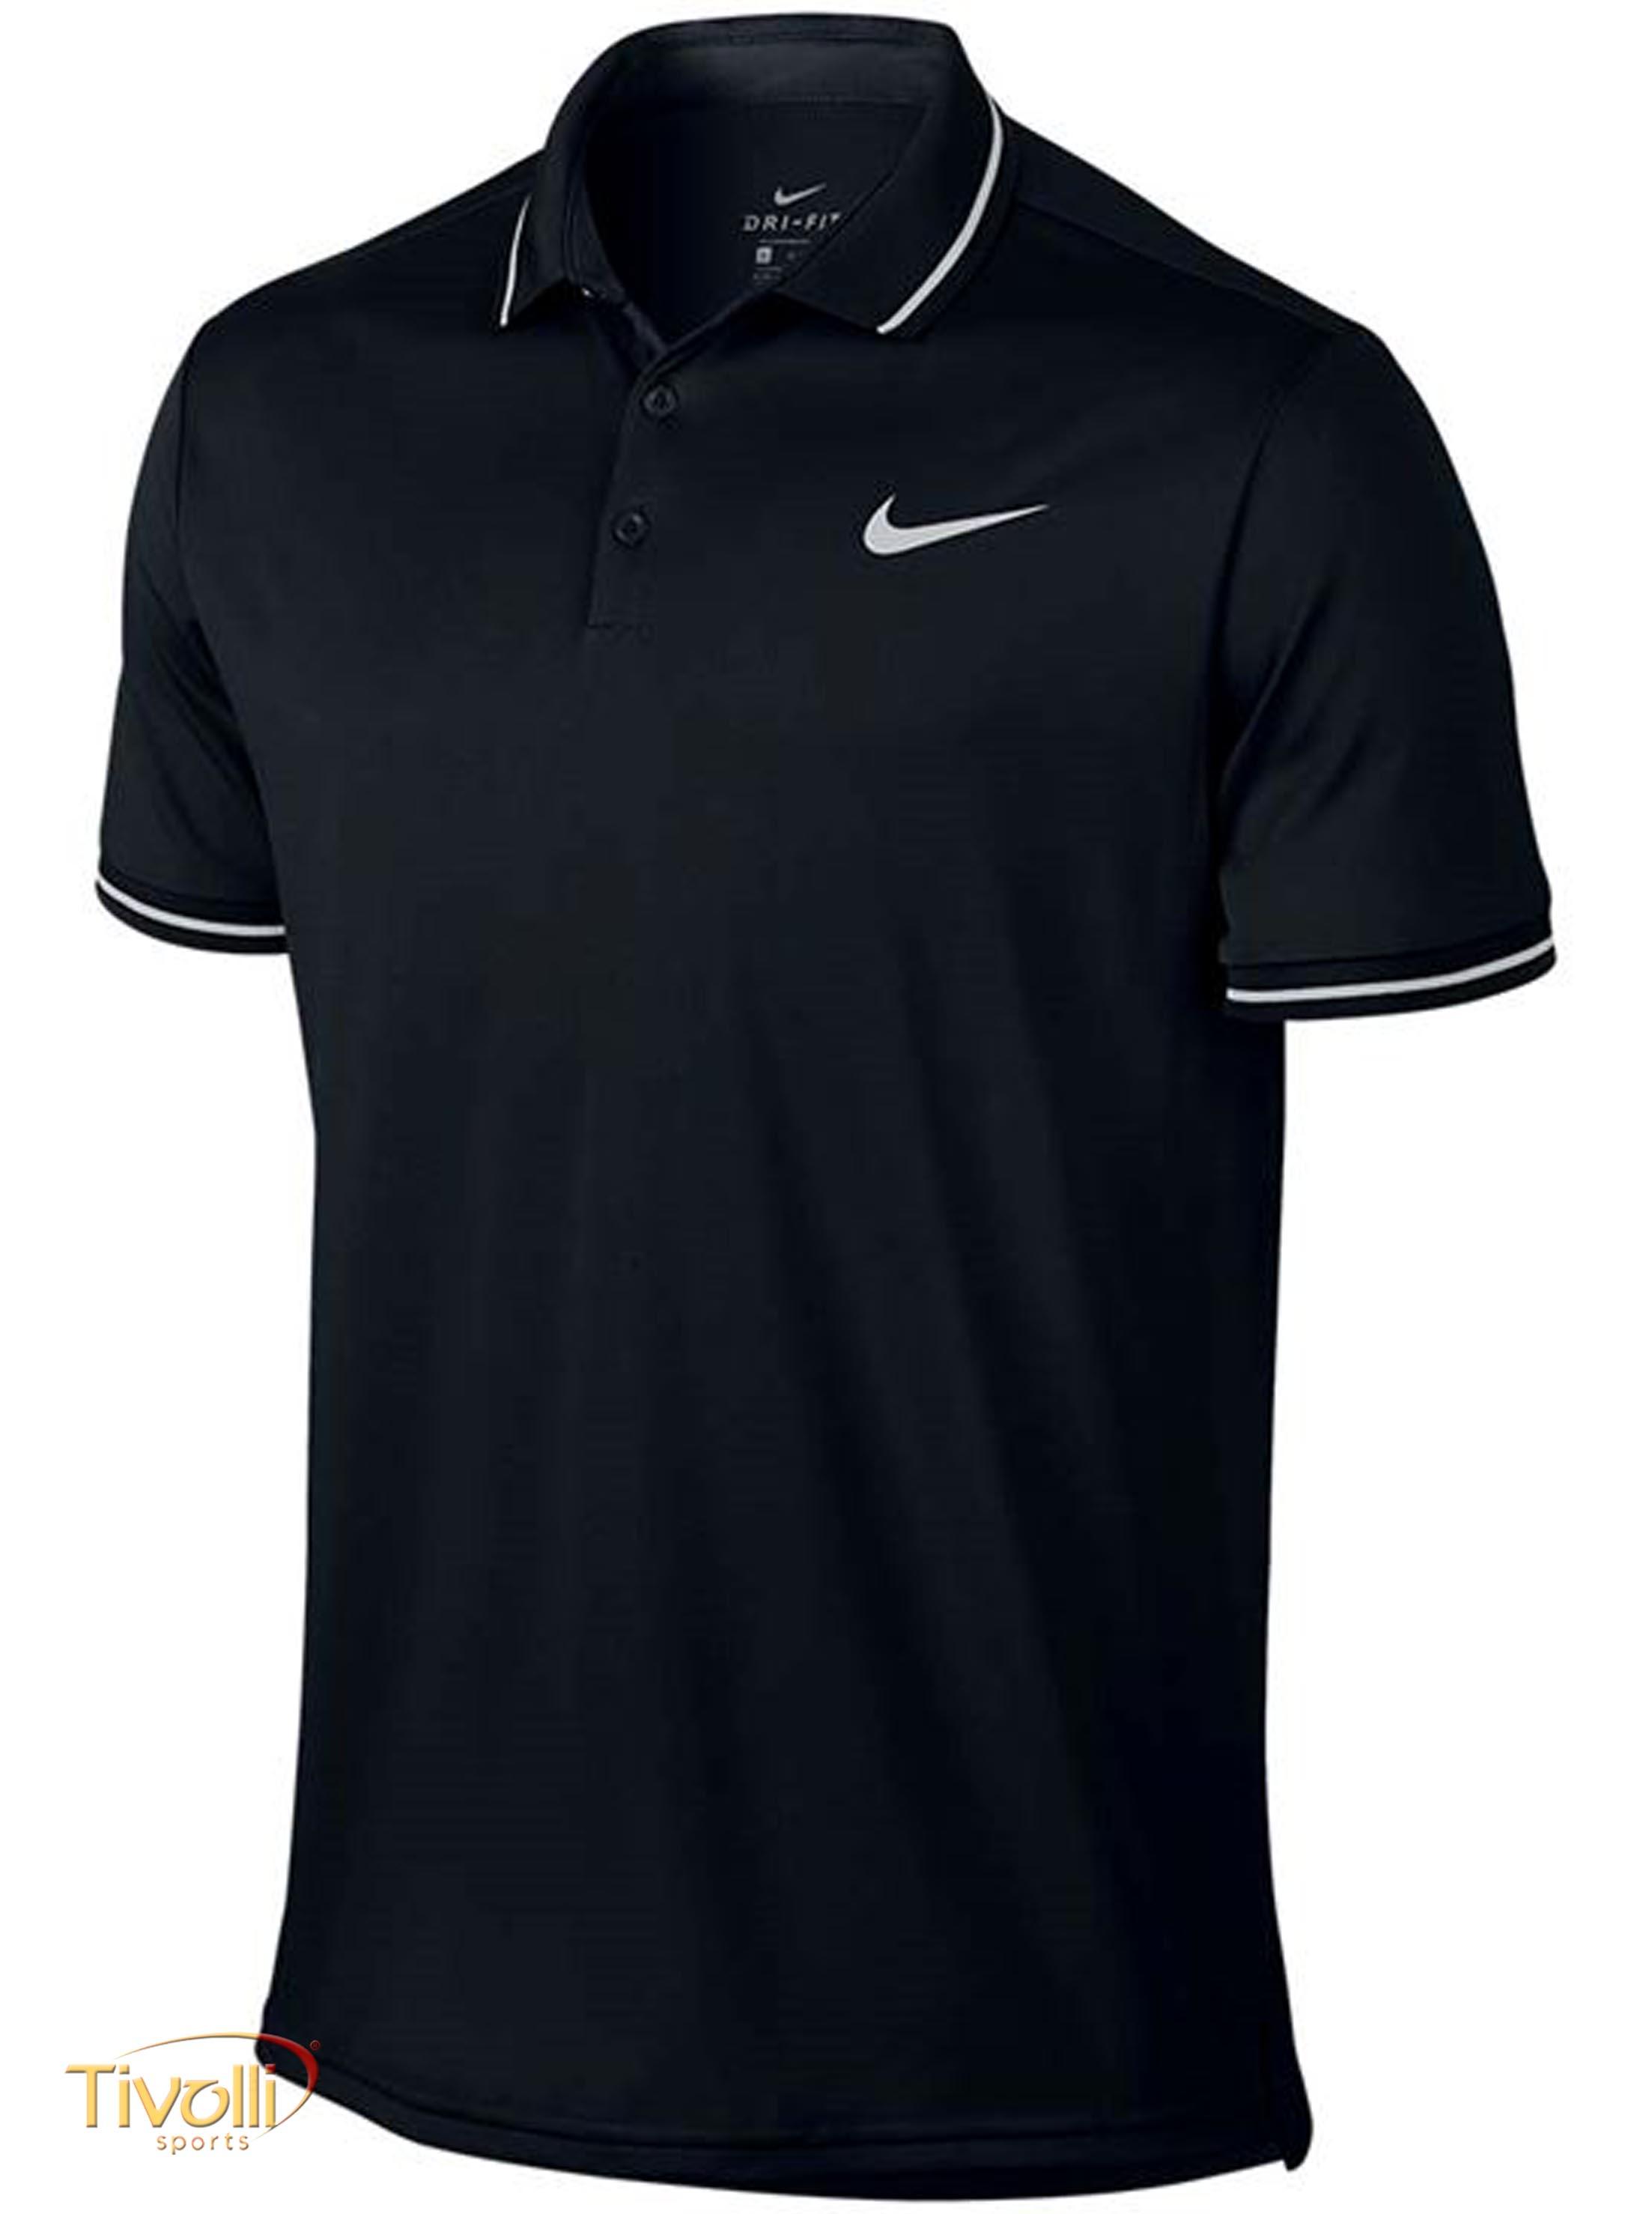 a0f4fca7d60da Camisa Polo Nike Court Dry Solid   Preta e Branca